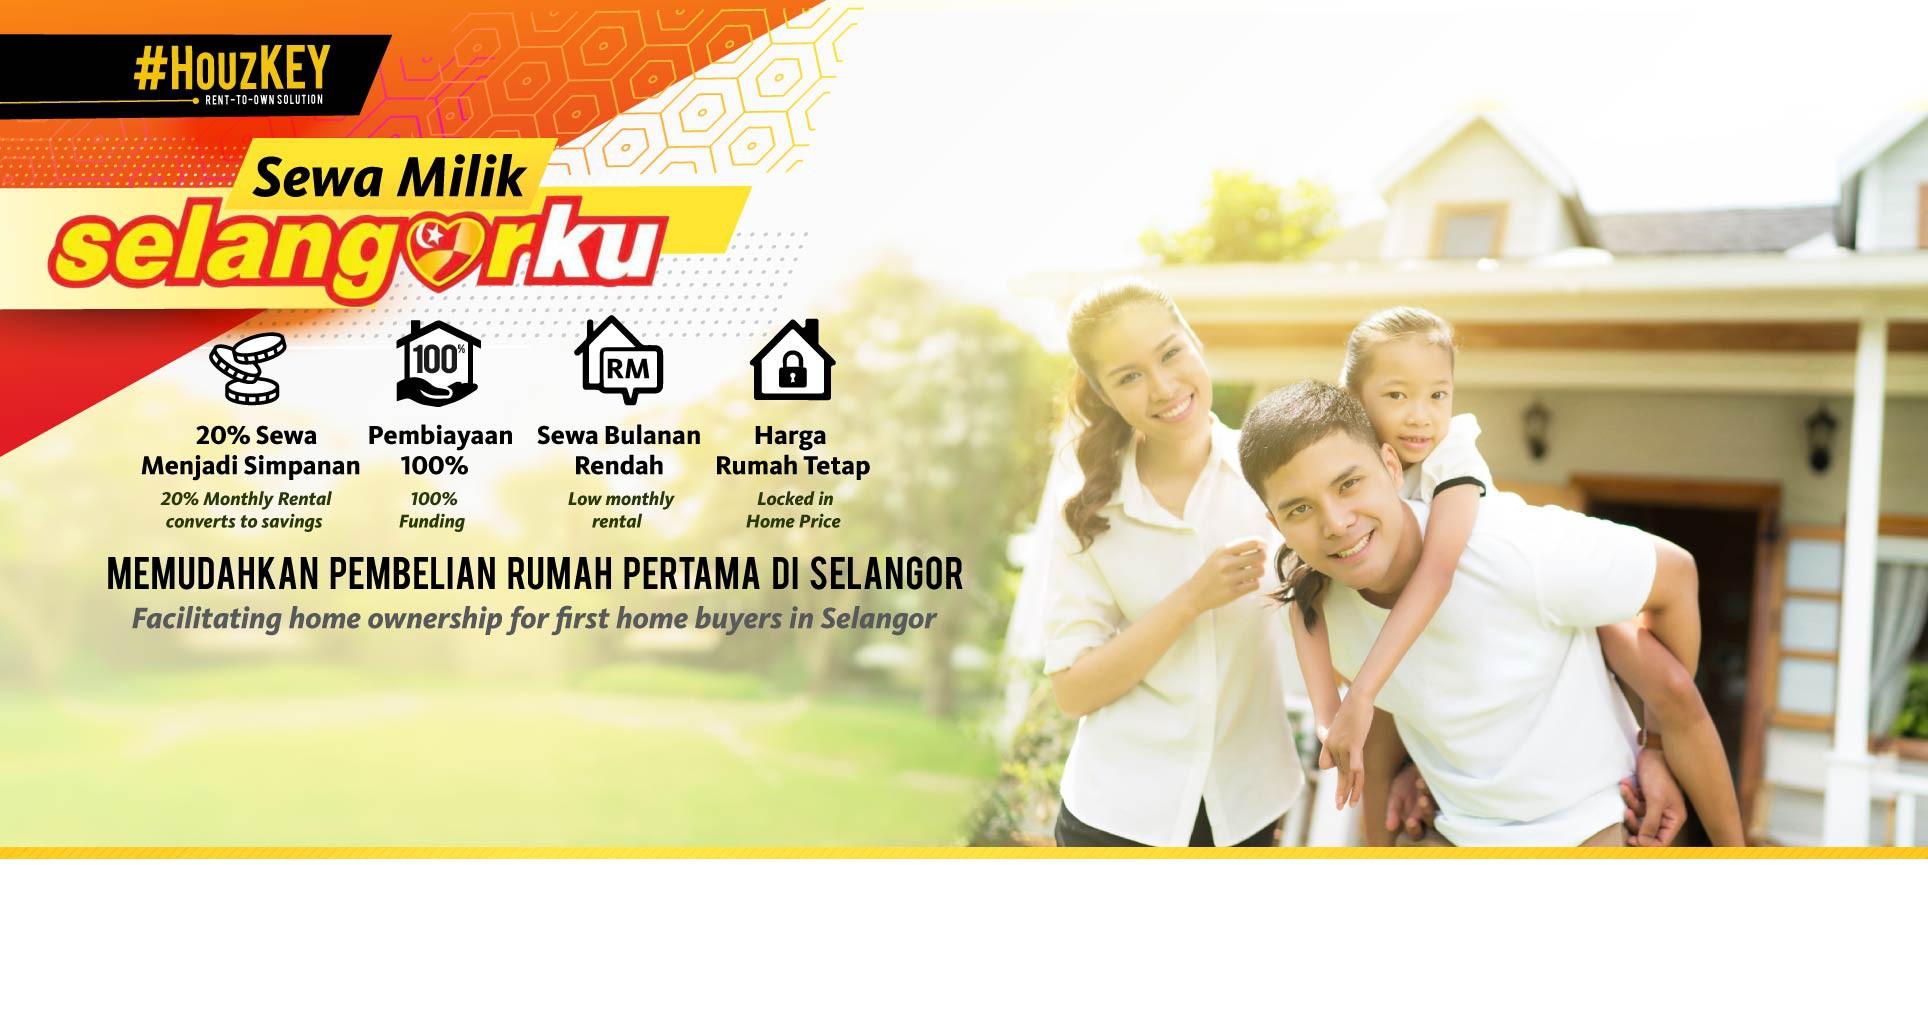 Miliki Rumah Selangorku dengan Maybank HouzKEY